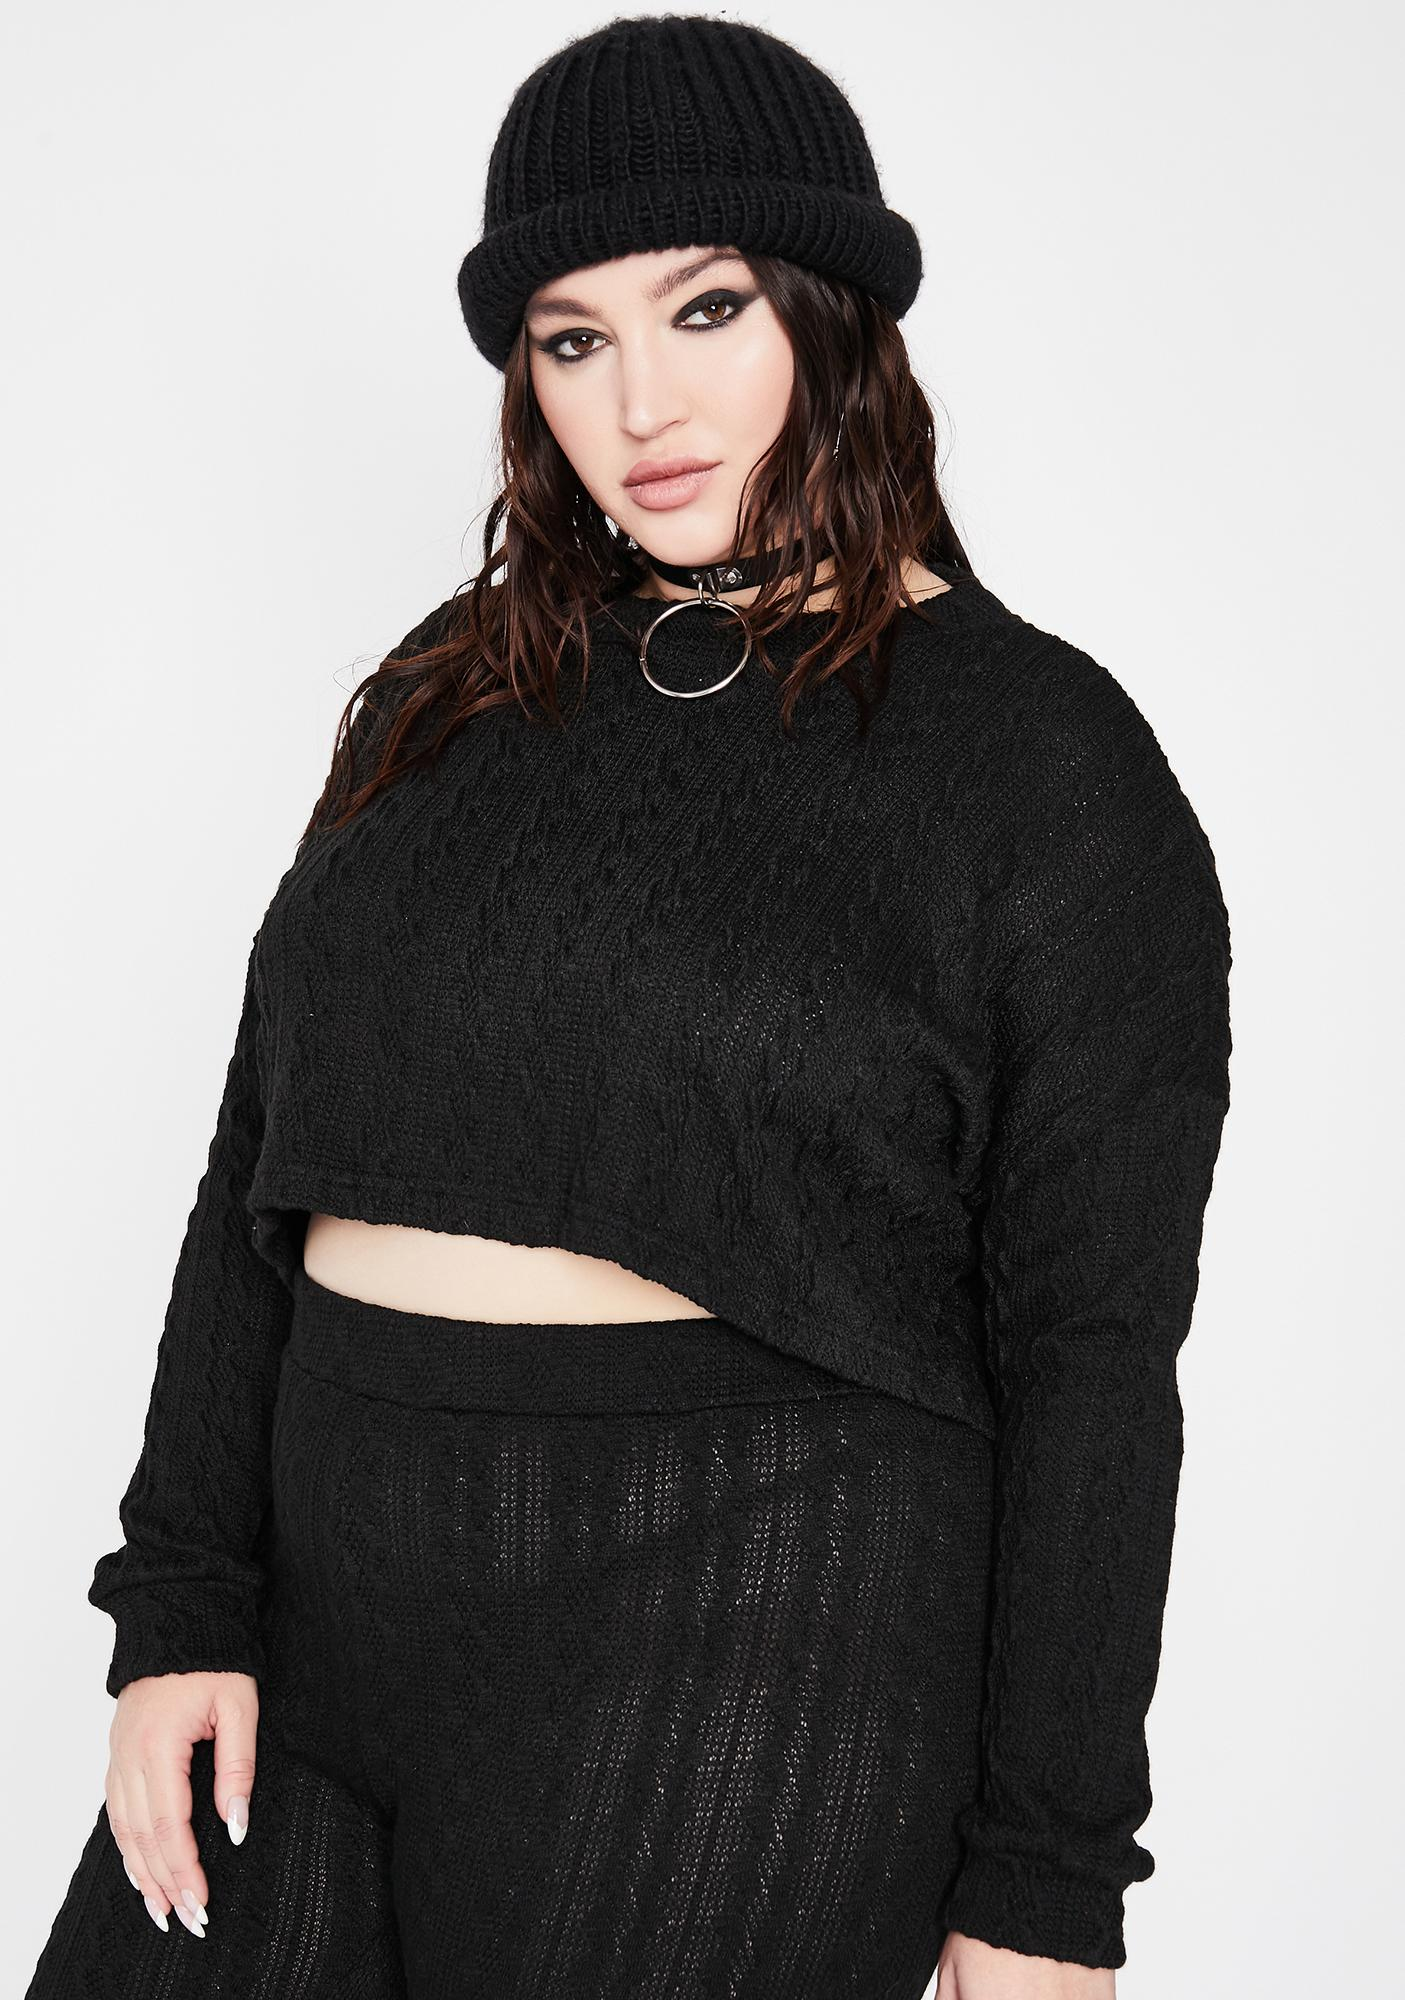 Legit Late Night Missed Calls Knit Sweater